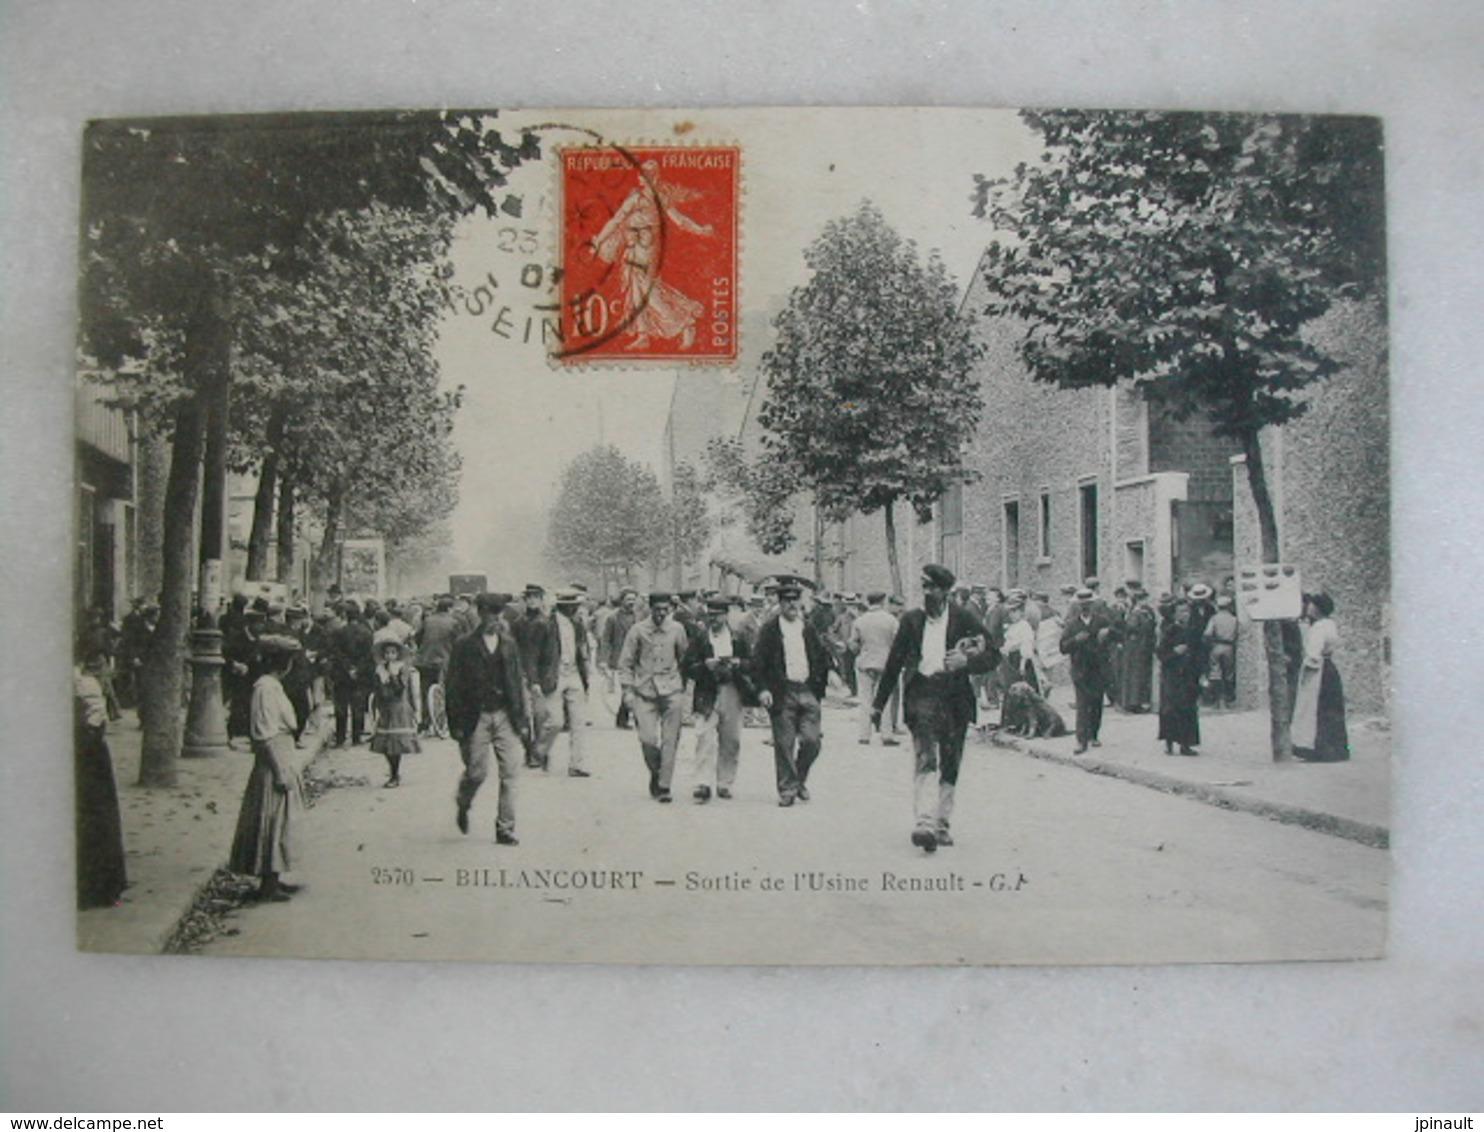 BILLANCOURT - Sortie De L'usine Renault (très Animée) - Boulogne Billancourt